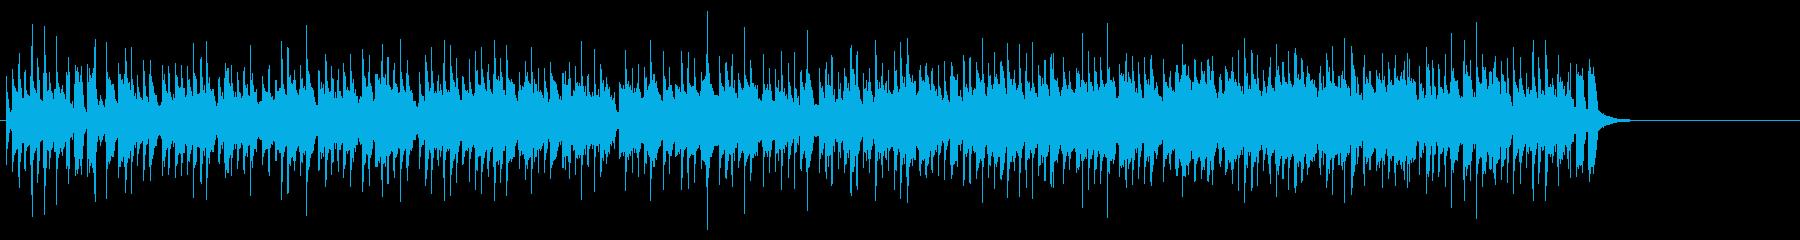 ファンキーで開放的なオープニング・テーマの再生済みの波形